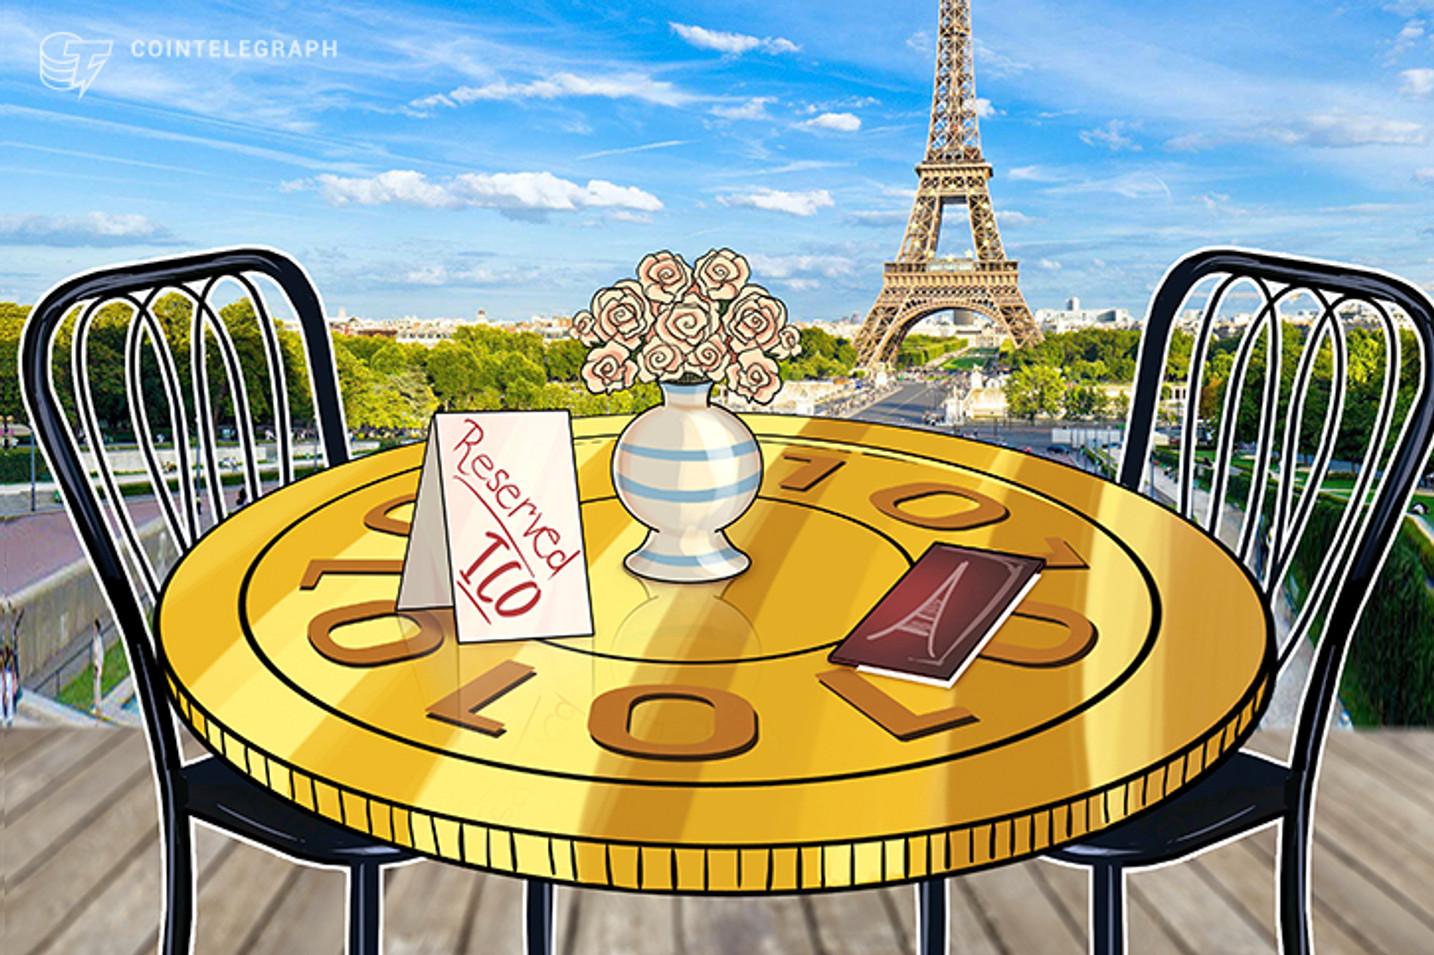 French Financial Regulator To Introduce Framework Legitimizing ICOs In Policy U-Turn